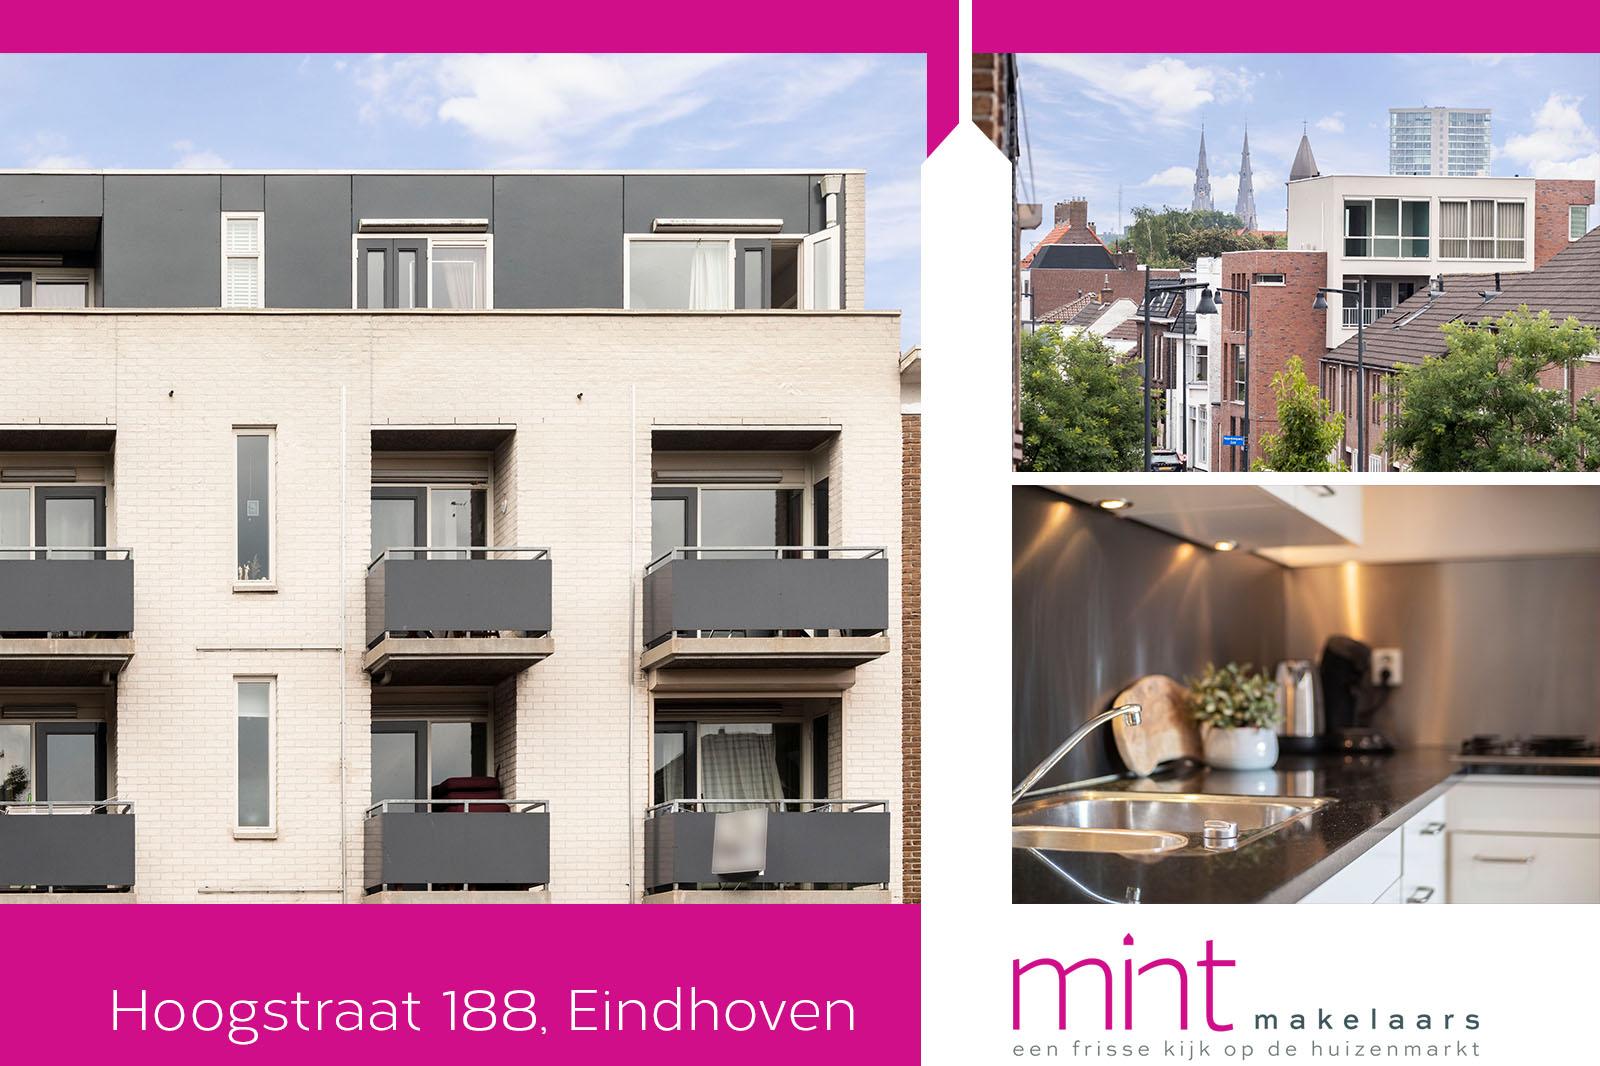 Hoogstraat 188 Eindhoven Mint Makelaars